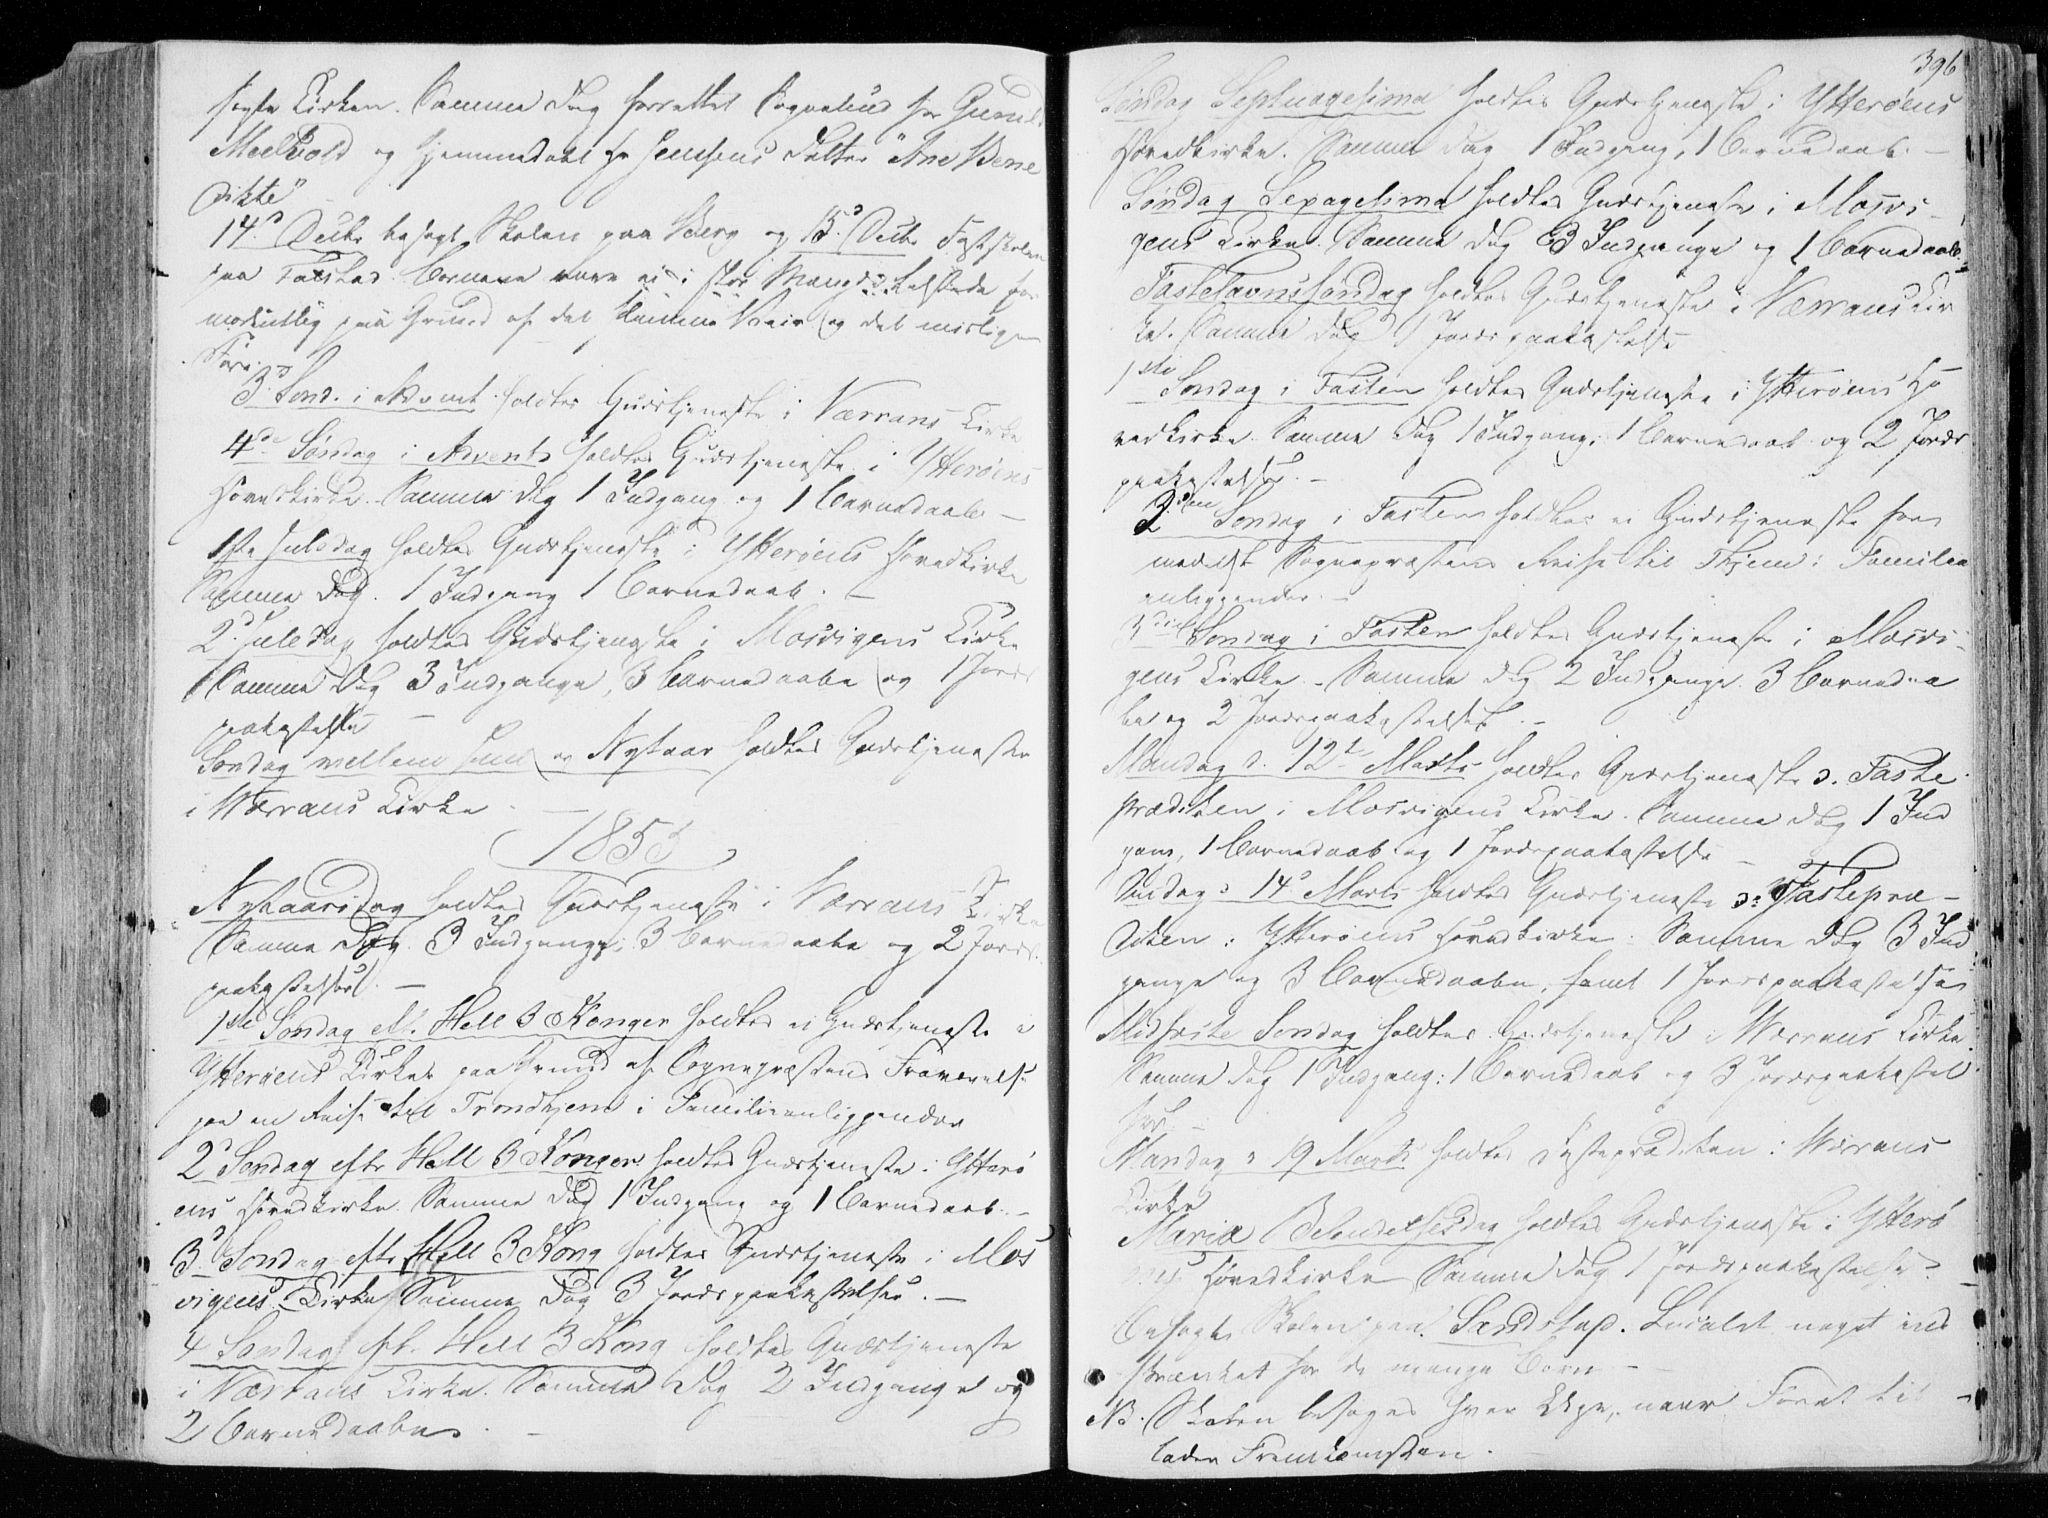 SAT, Ministerialprotokoller, klokkerbøker og fødselsregistre - Nord-Trøndelag, 722/L0218: Ministerialbok nr. 722A05, 1843-1868, s. 396